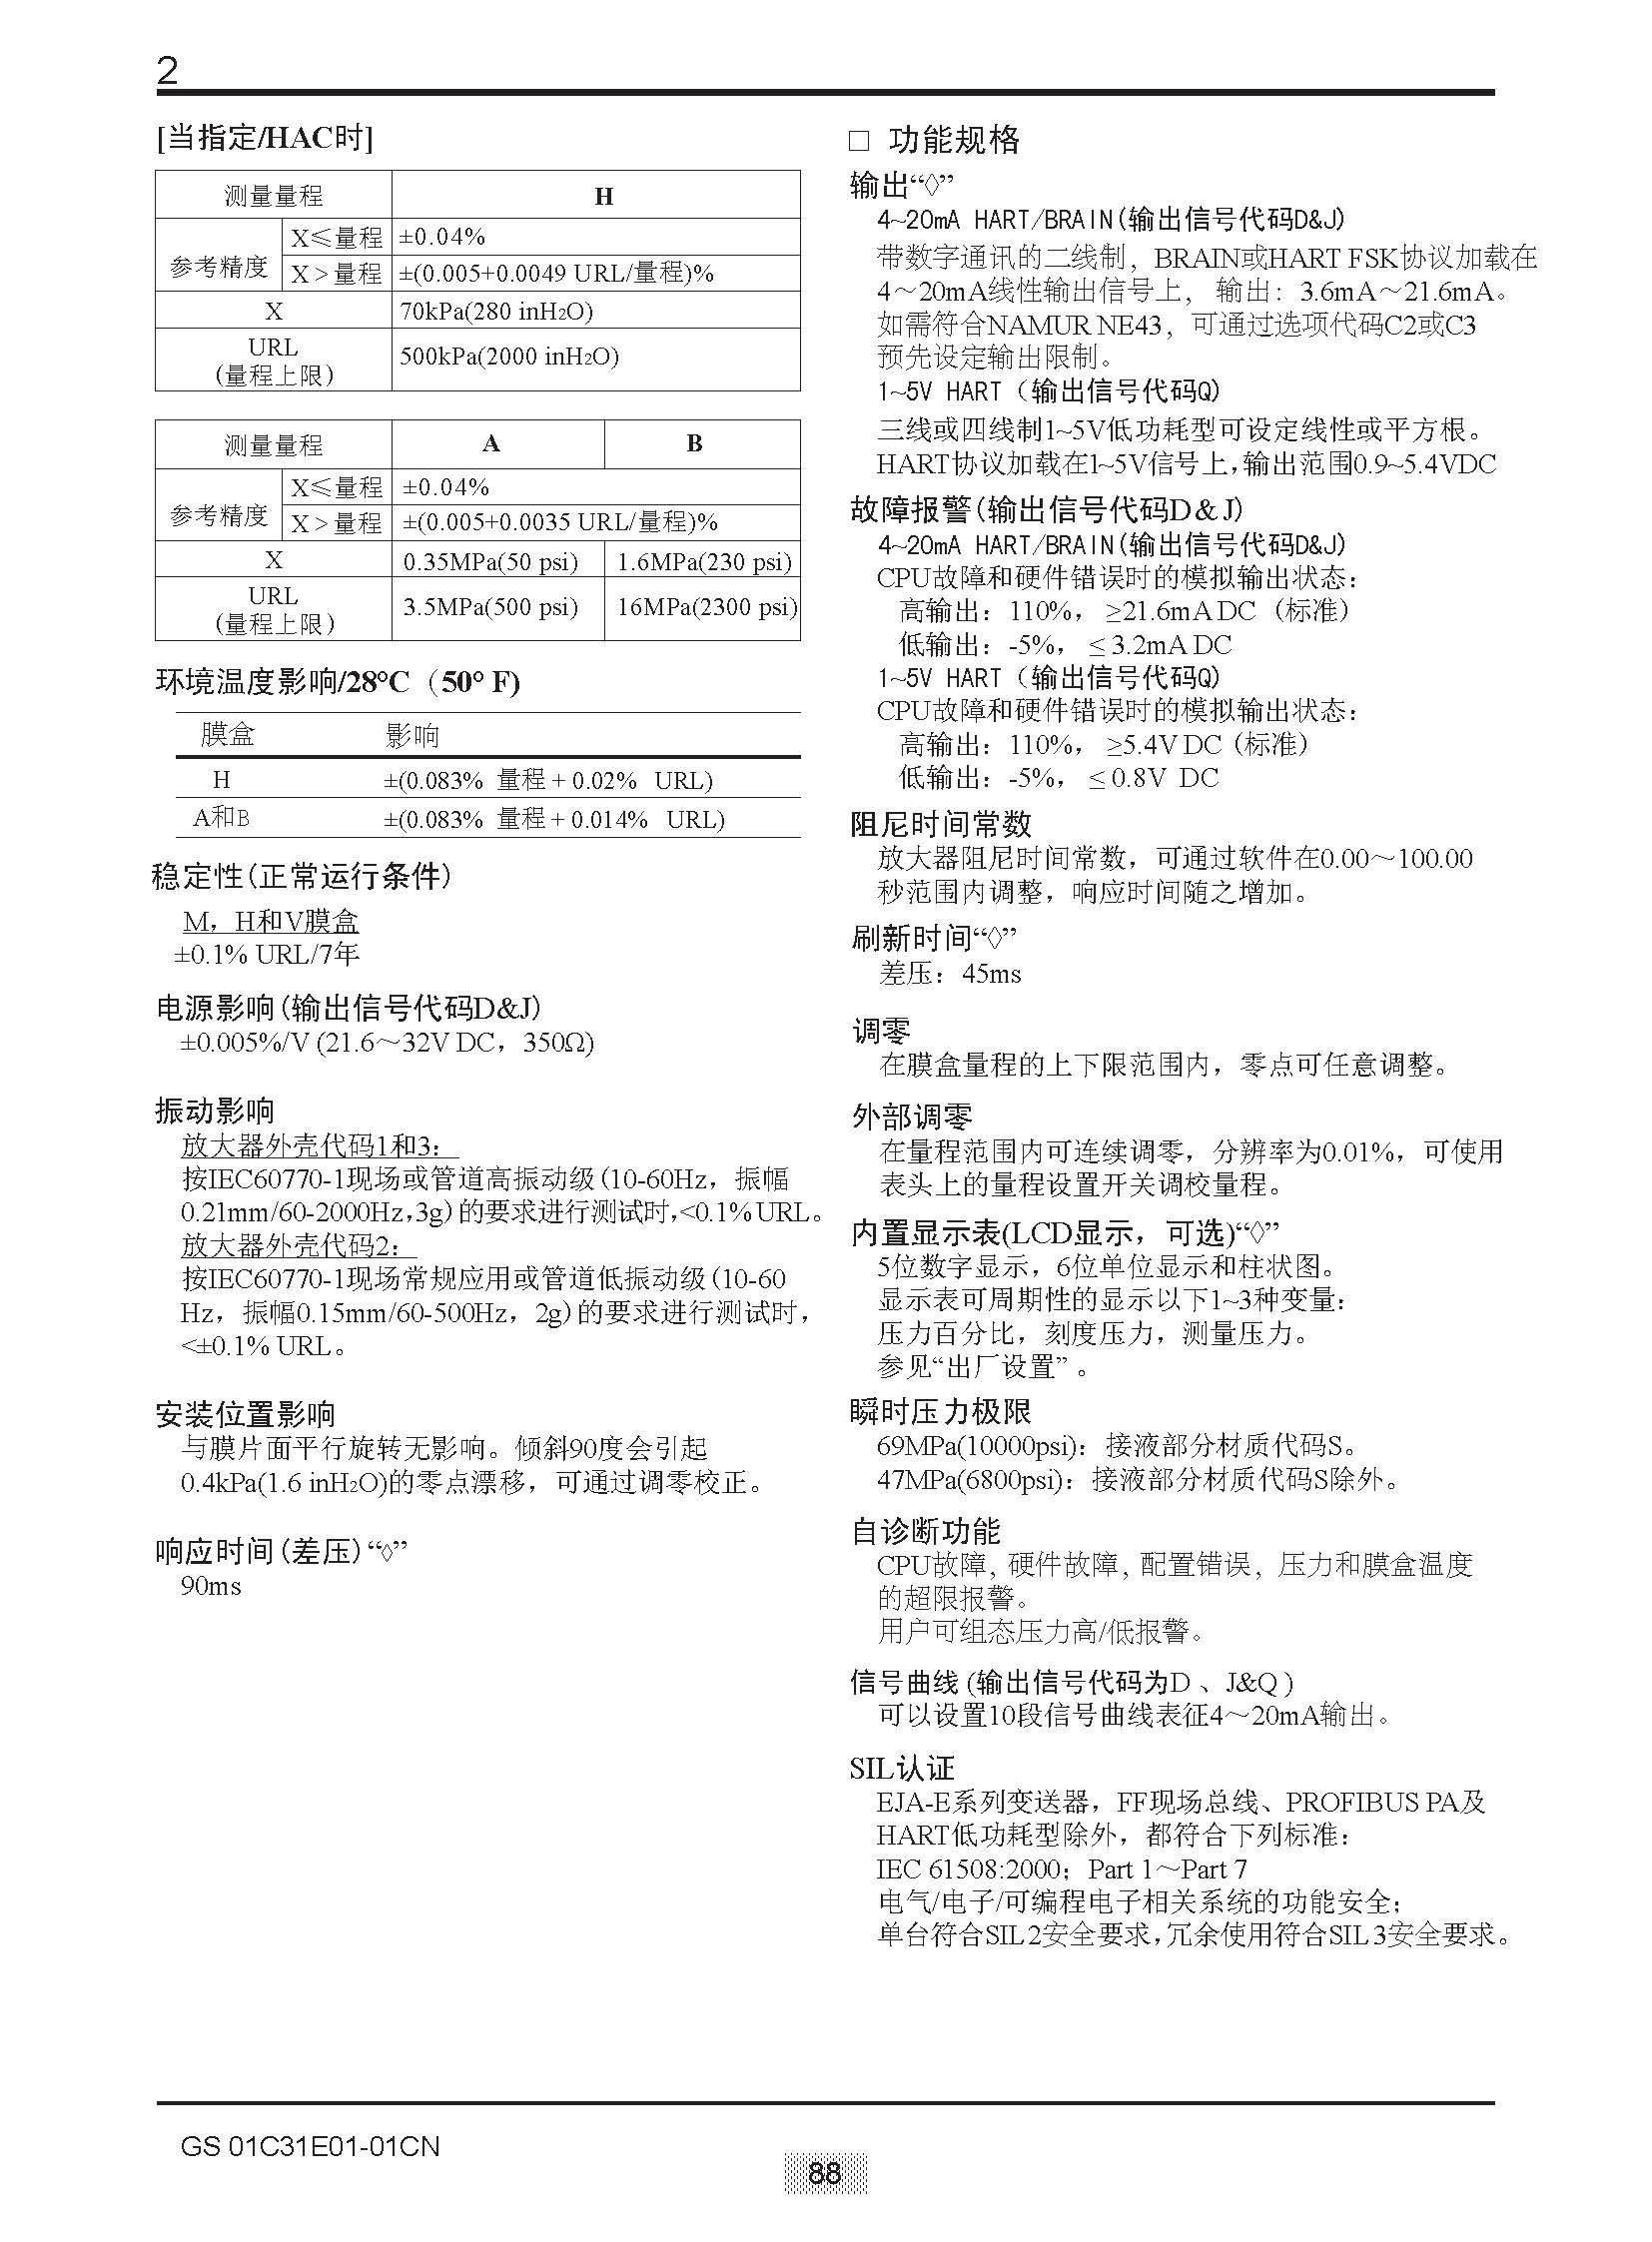 EJA E选型样本20151207_页面_094.jpg